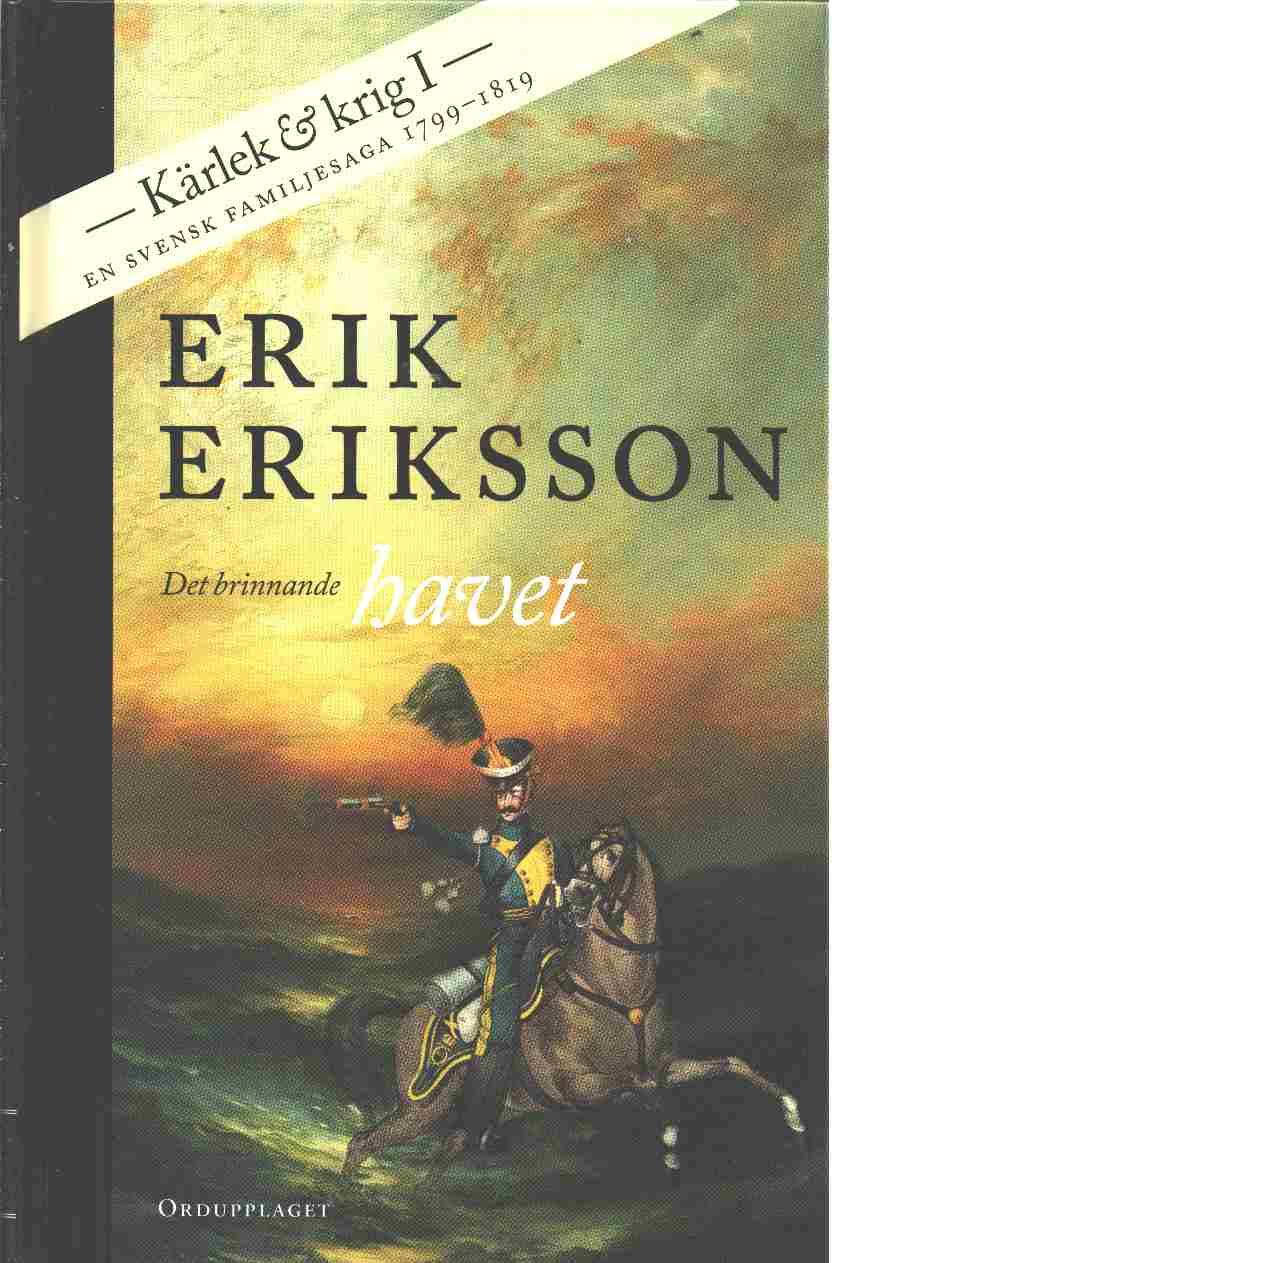 Det brinnande havet - Eriksson, Erik